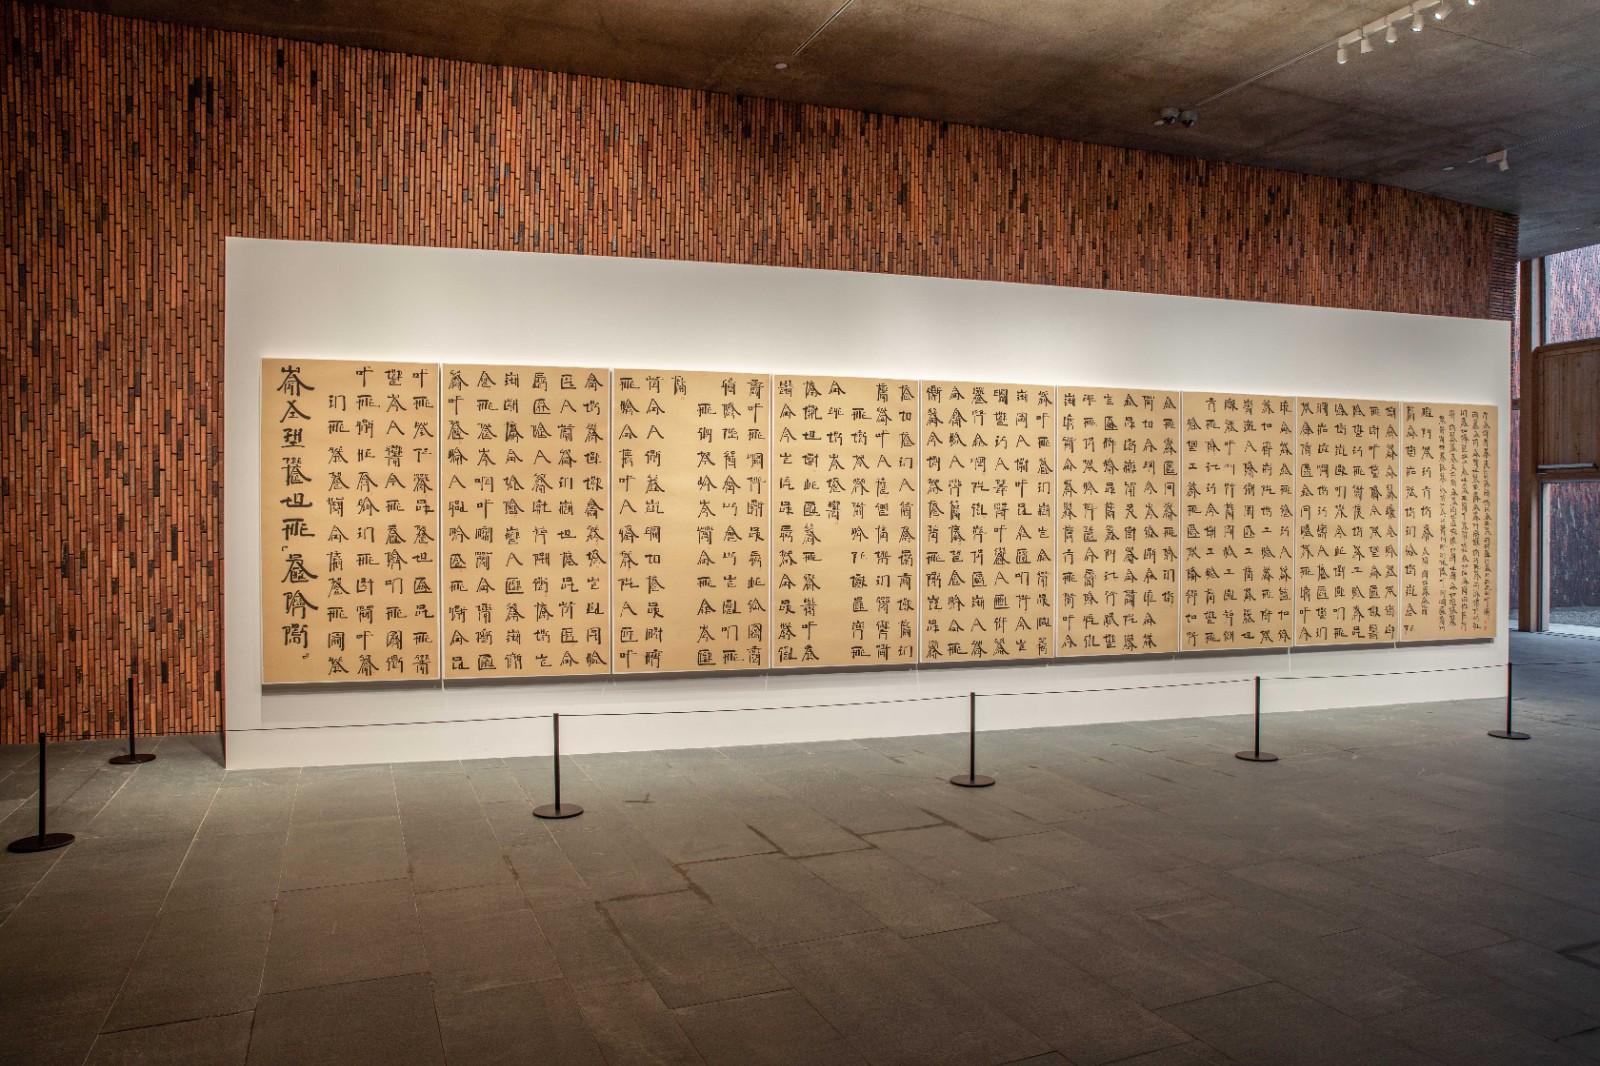 徐冰《英文方块字书法:王羲之-兰亭集序》纸,墨;共9张,99×188cm,2017年.jpg